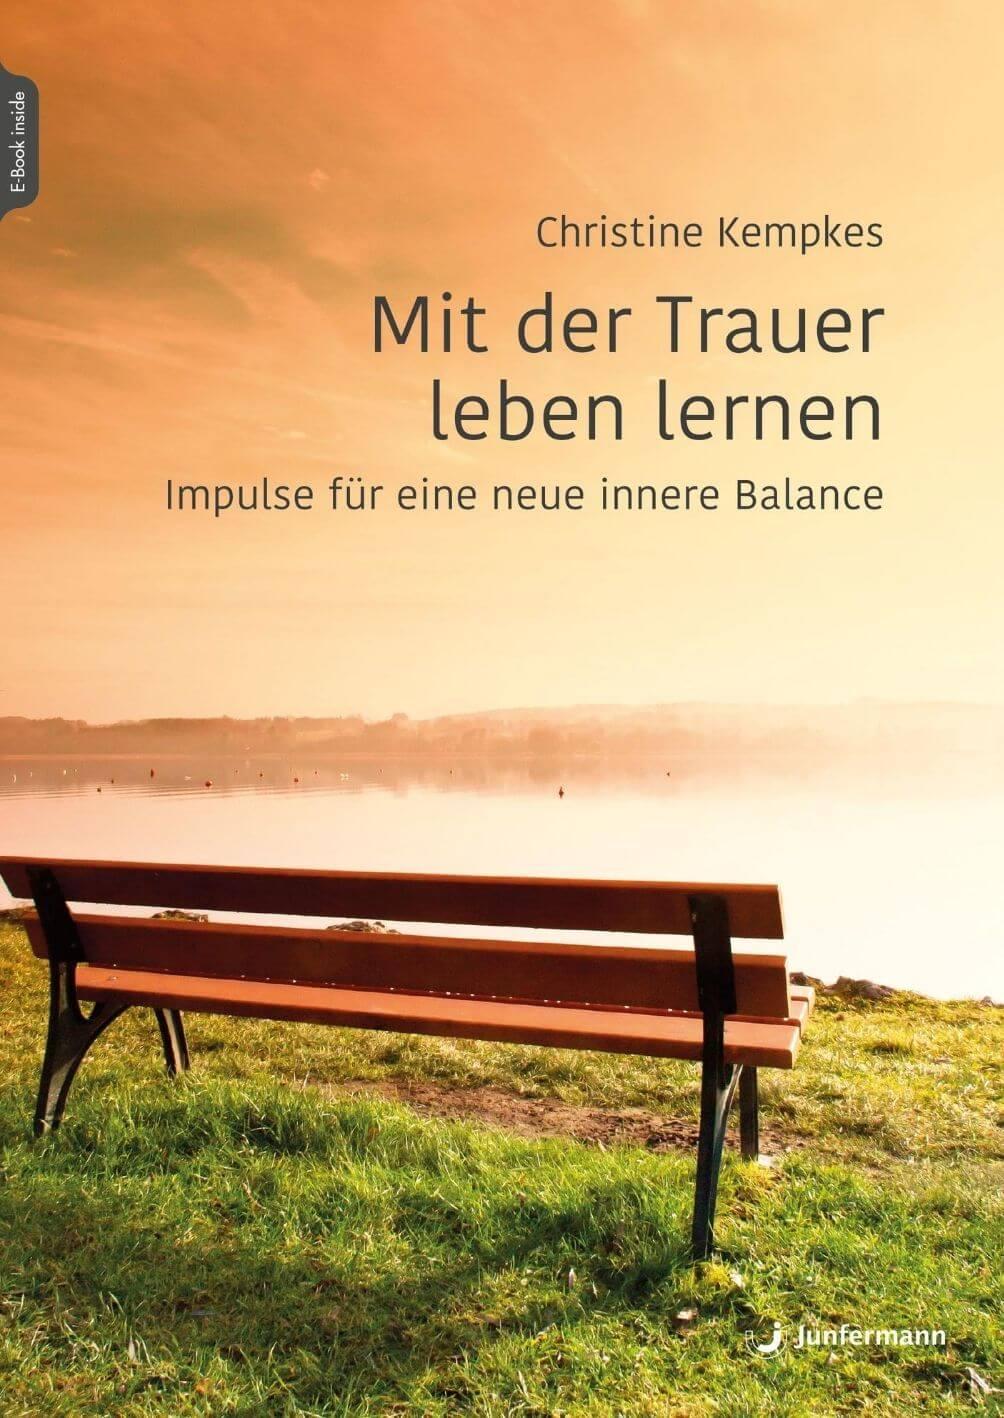 Christine Kempkes - mit der Trauer leben lernen (1)